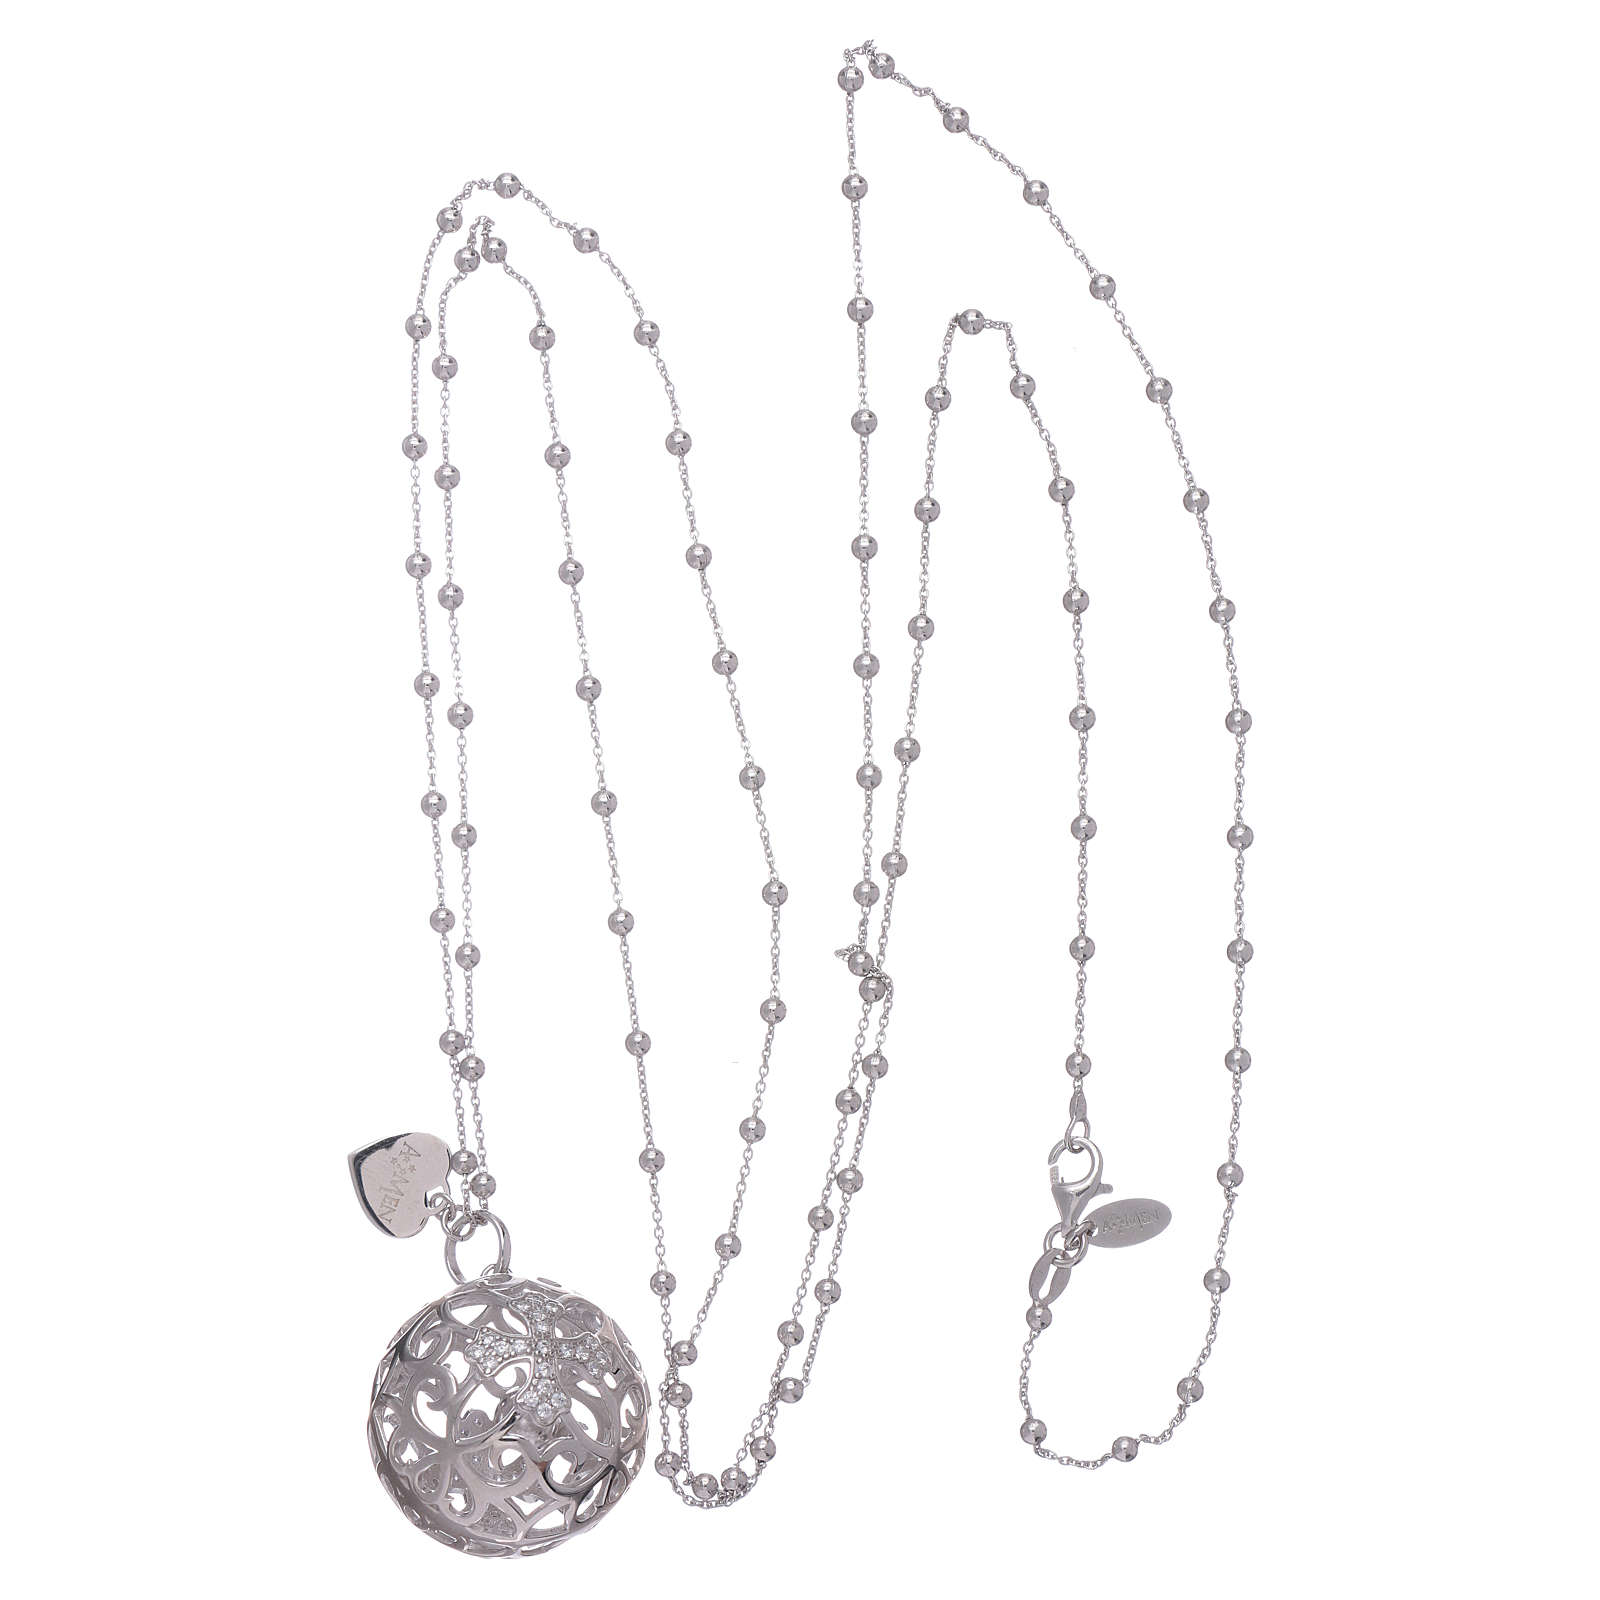 Collana AMEN chiama angeli argento 925 croce e zirconi 4